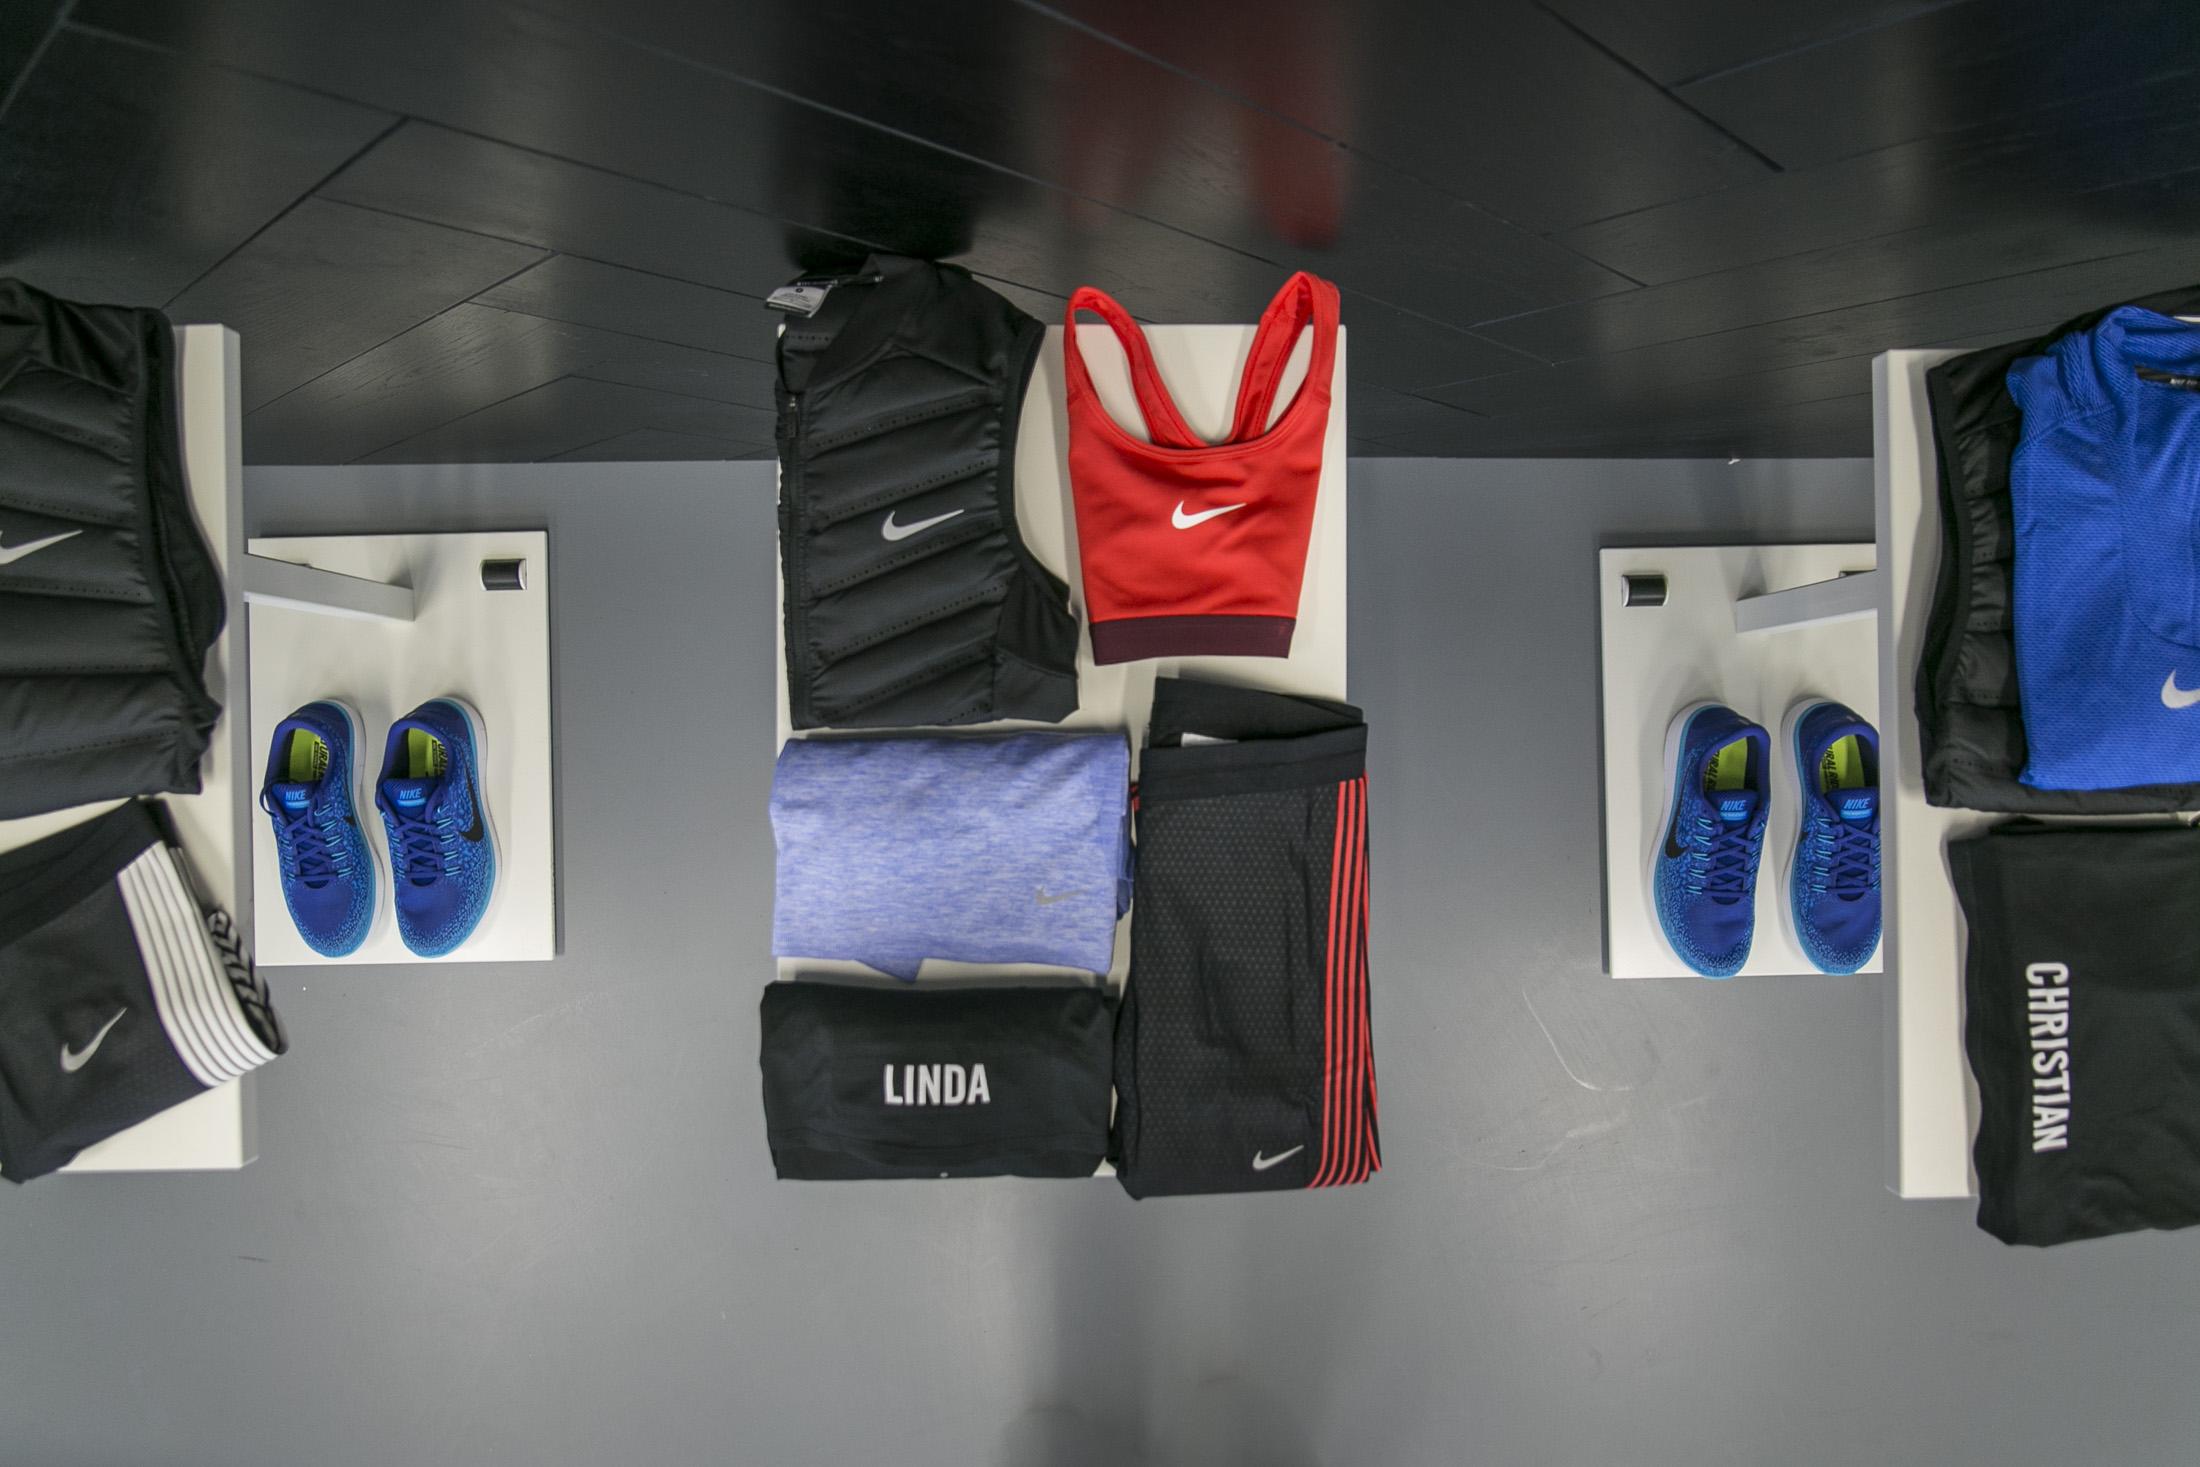 160210_Nike_Berlin_Rio_Medien_Location_04